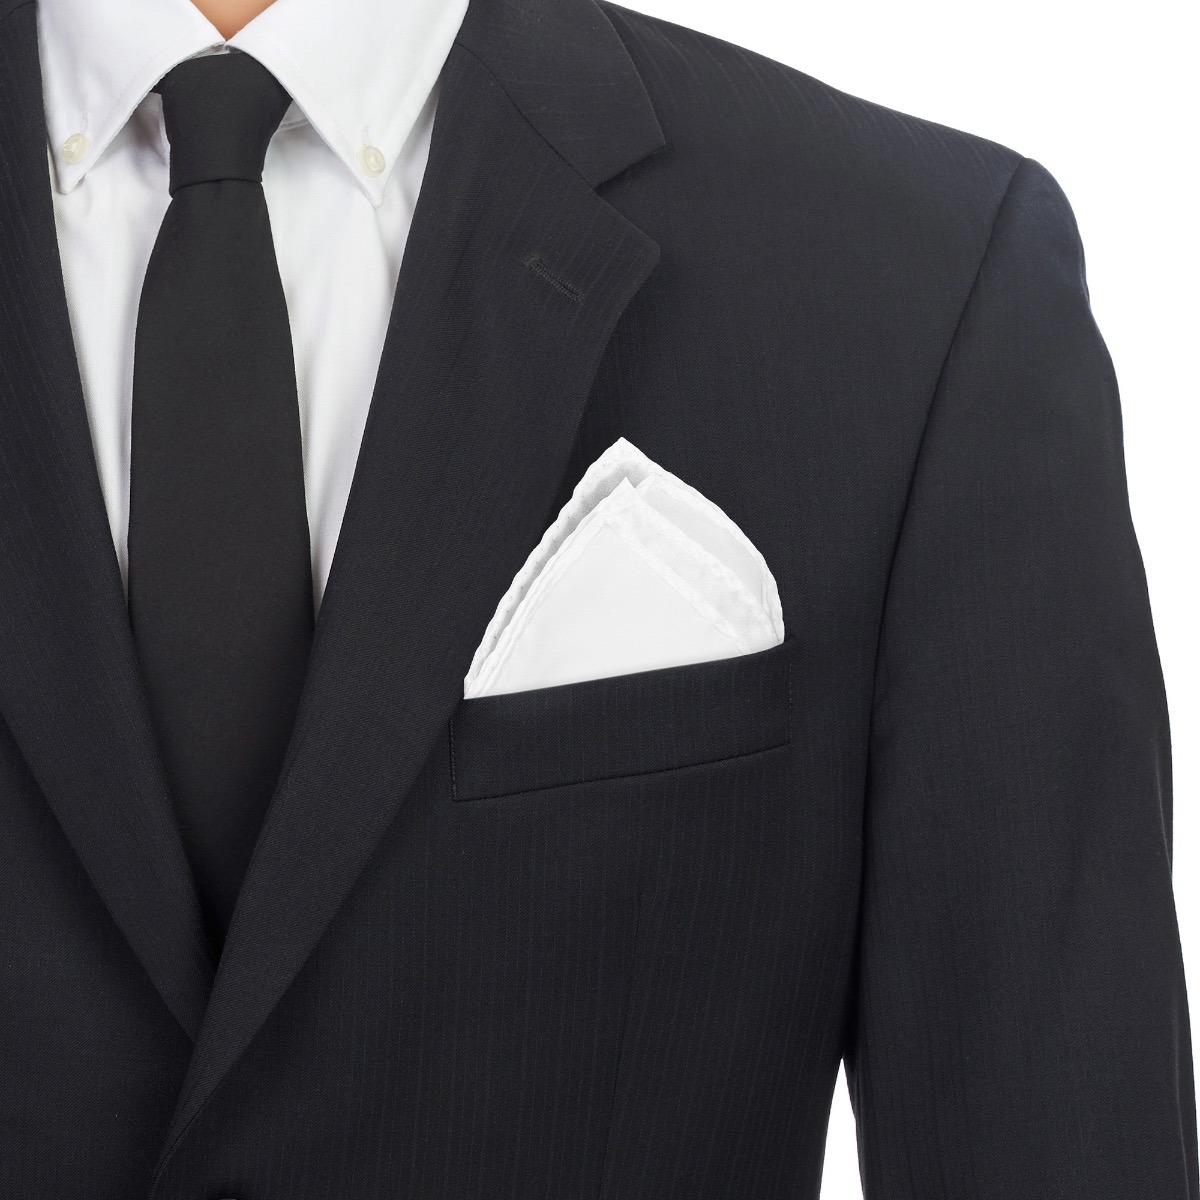 muy baratas imágenes detalladas apariencia elegante Pañuelo De Bolsillo Caballero Para Traje Blanco Poliéster